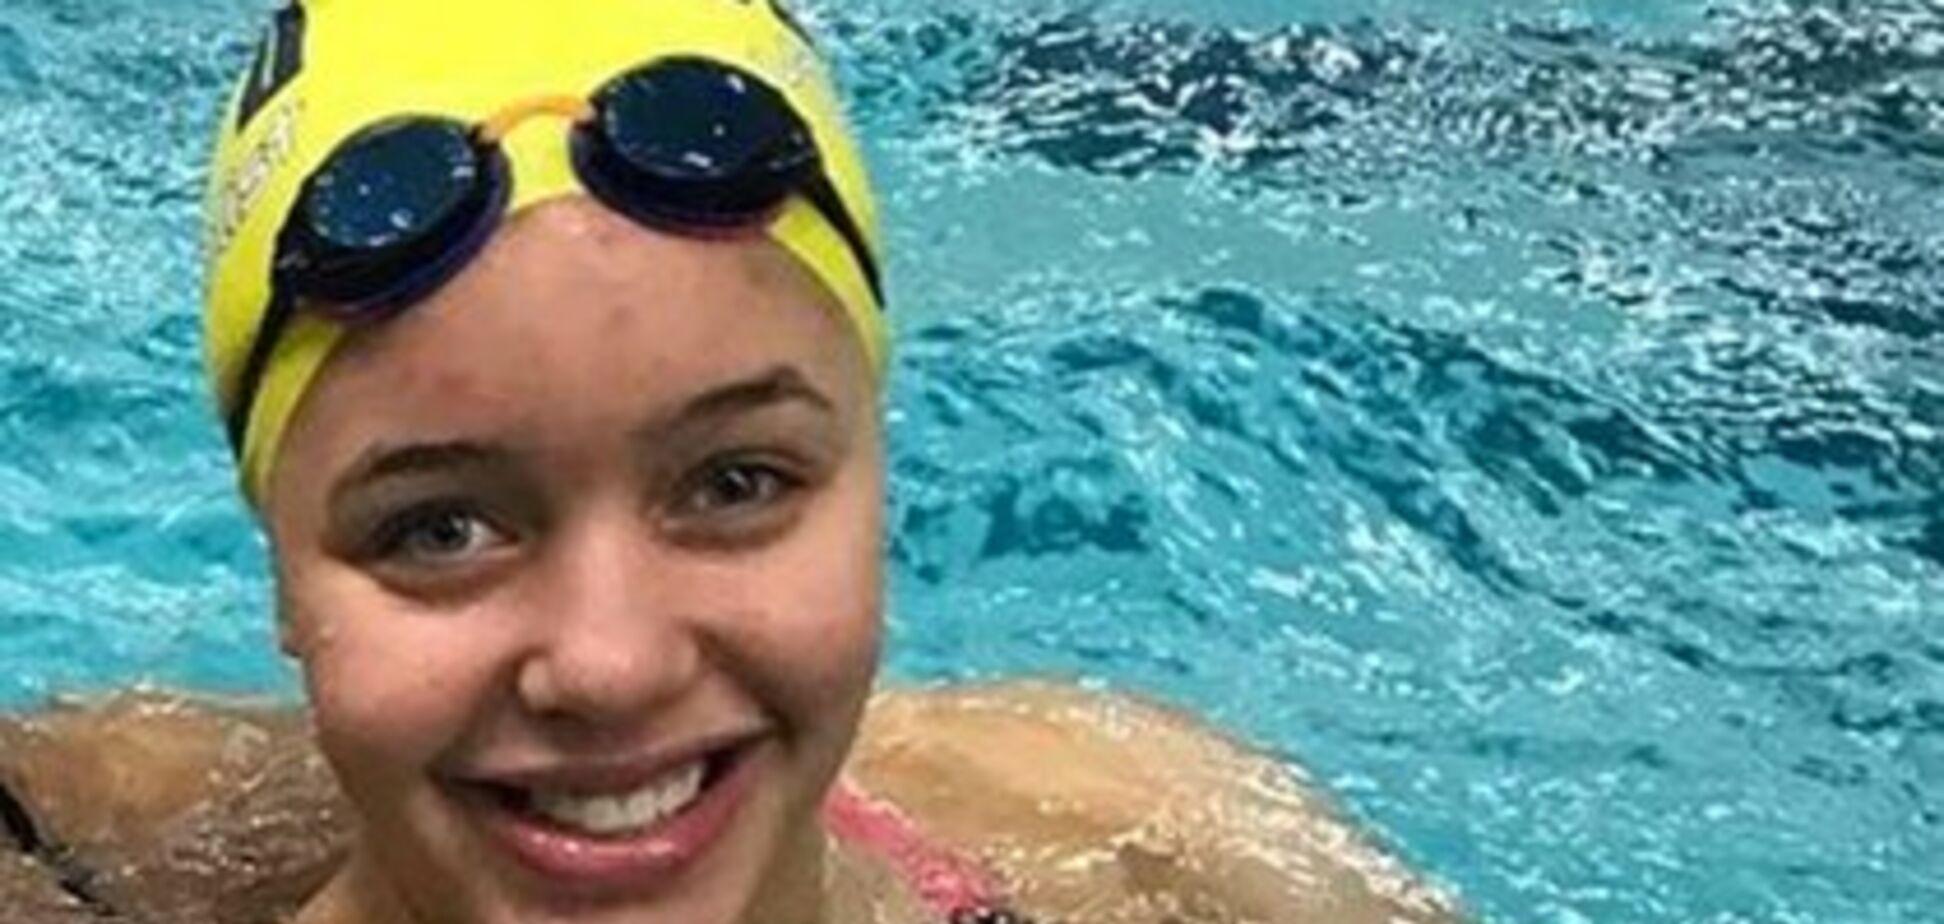 Пловчиха приоткрыла купальник и вызвала скандал в США